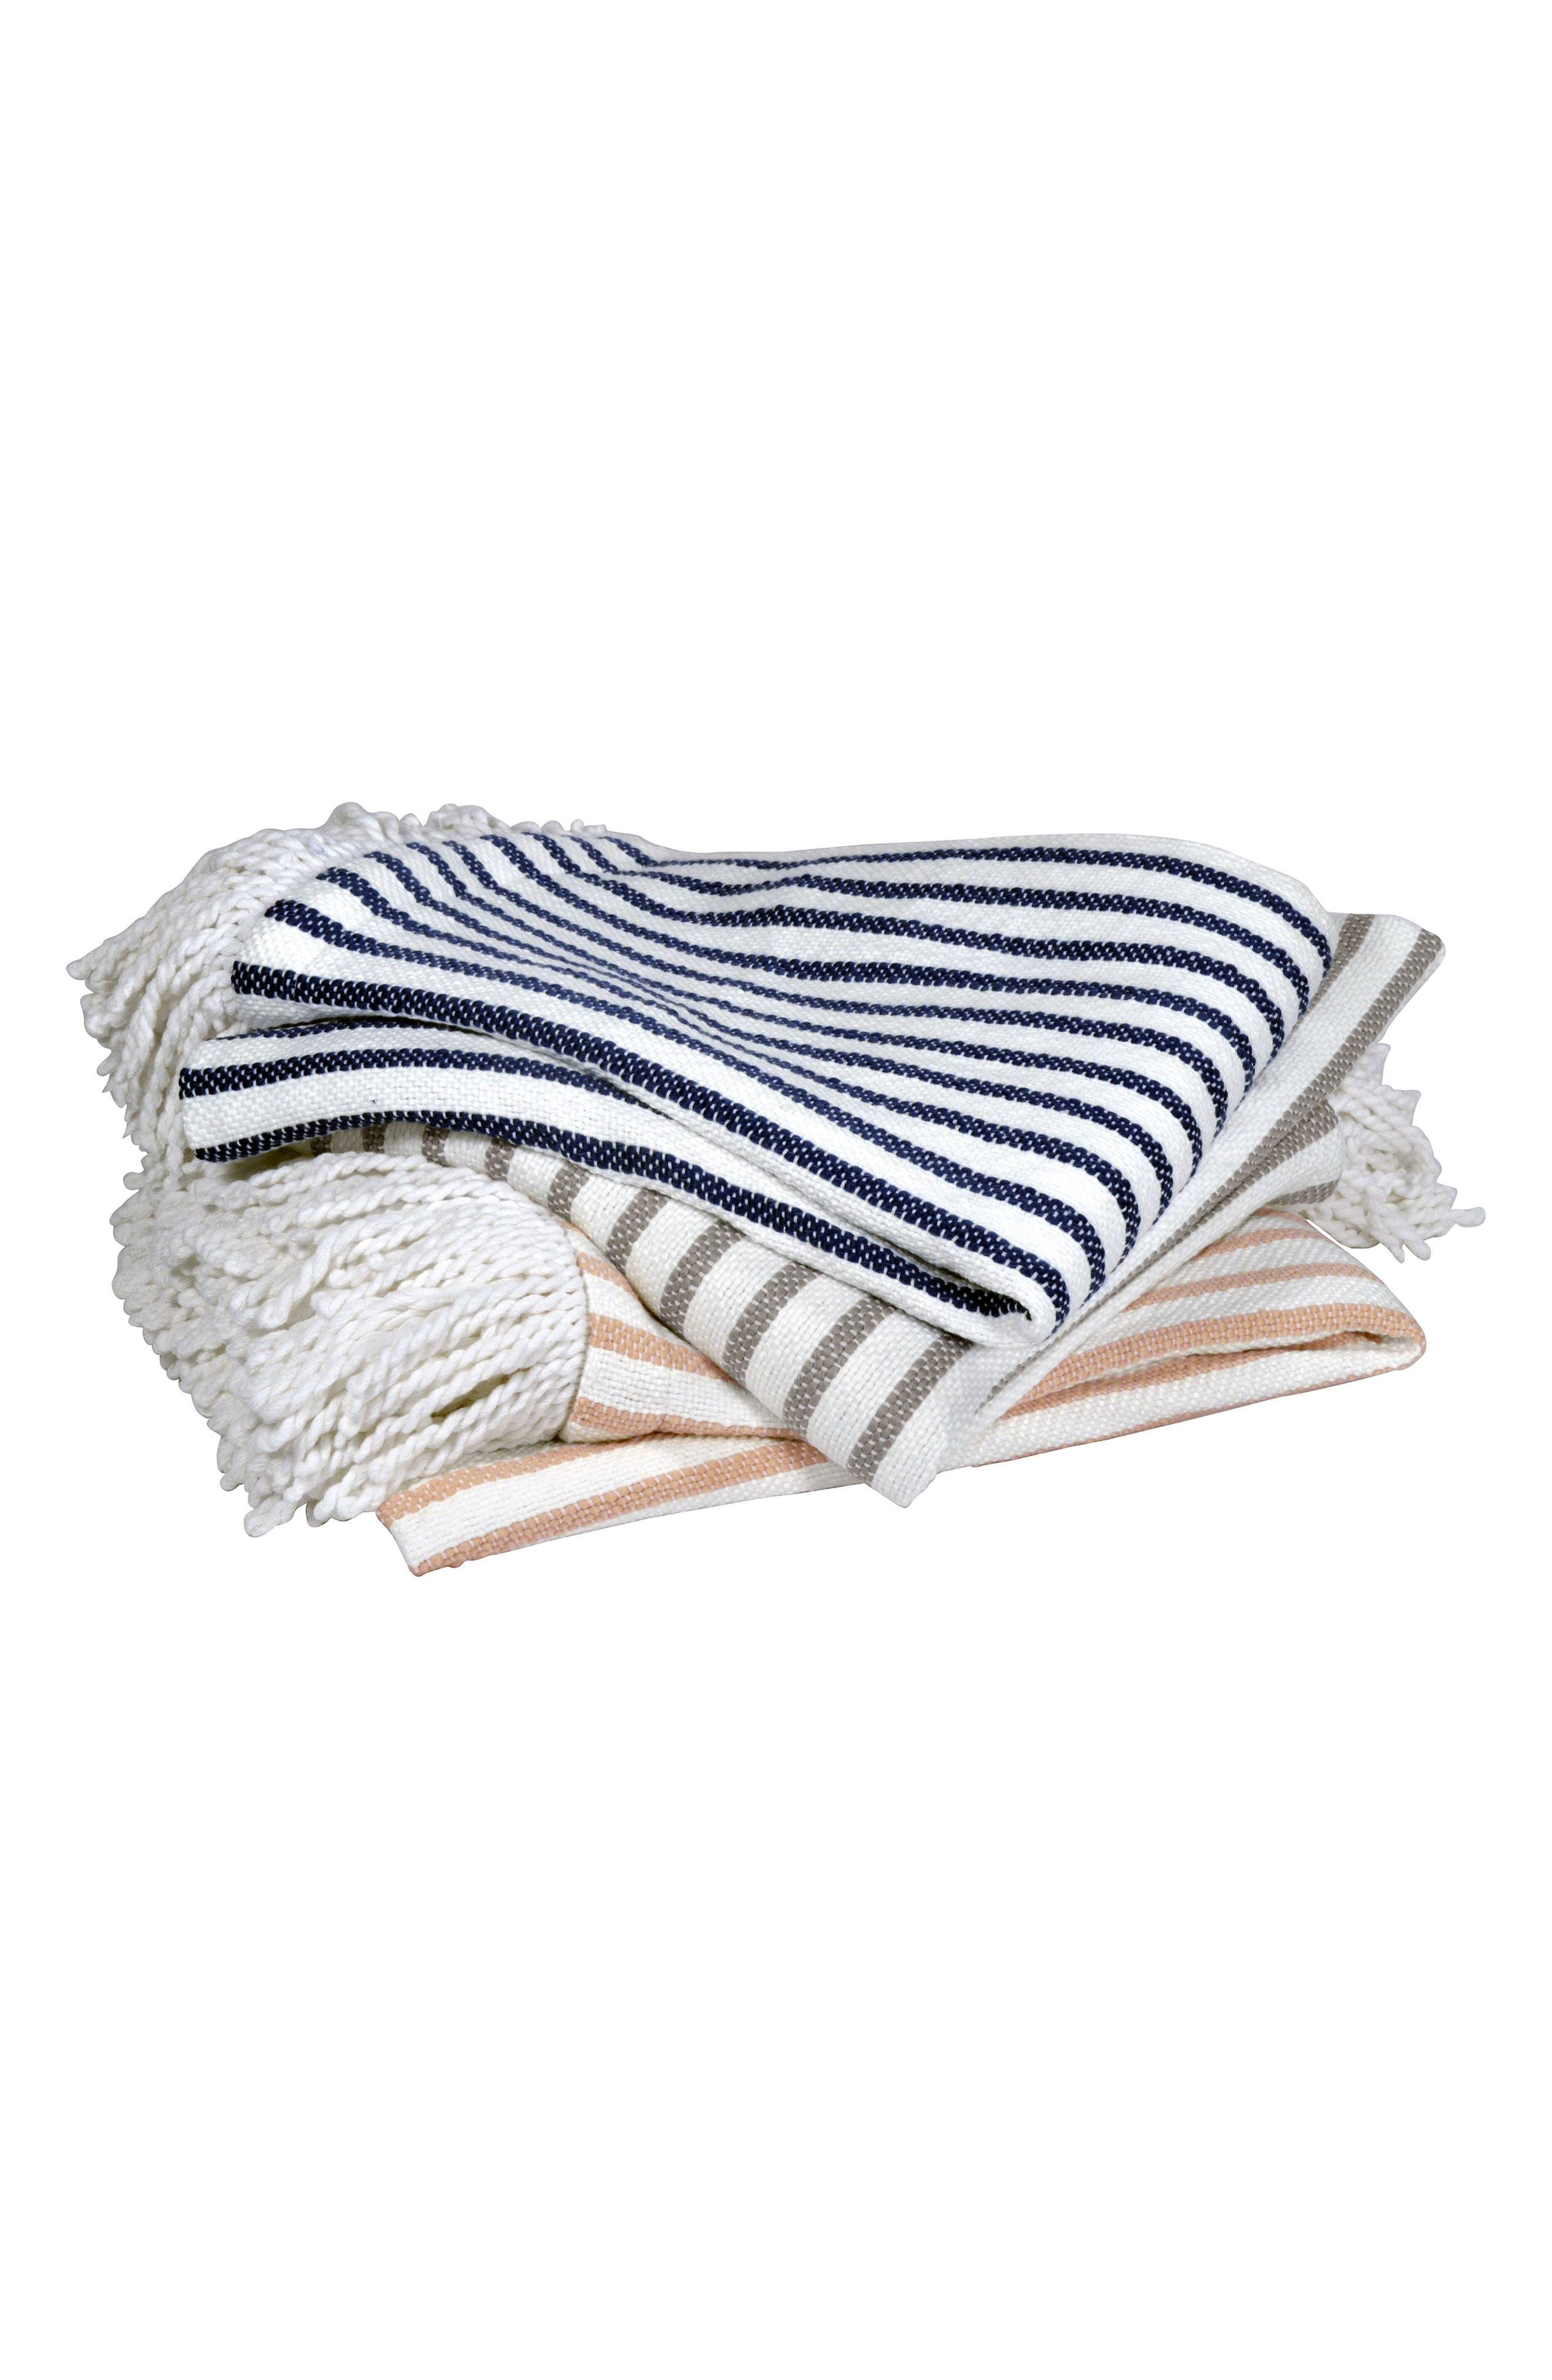 Fringe Throw Blanket,                             Alternate thumbnail 2, color,                             Navy/ White